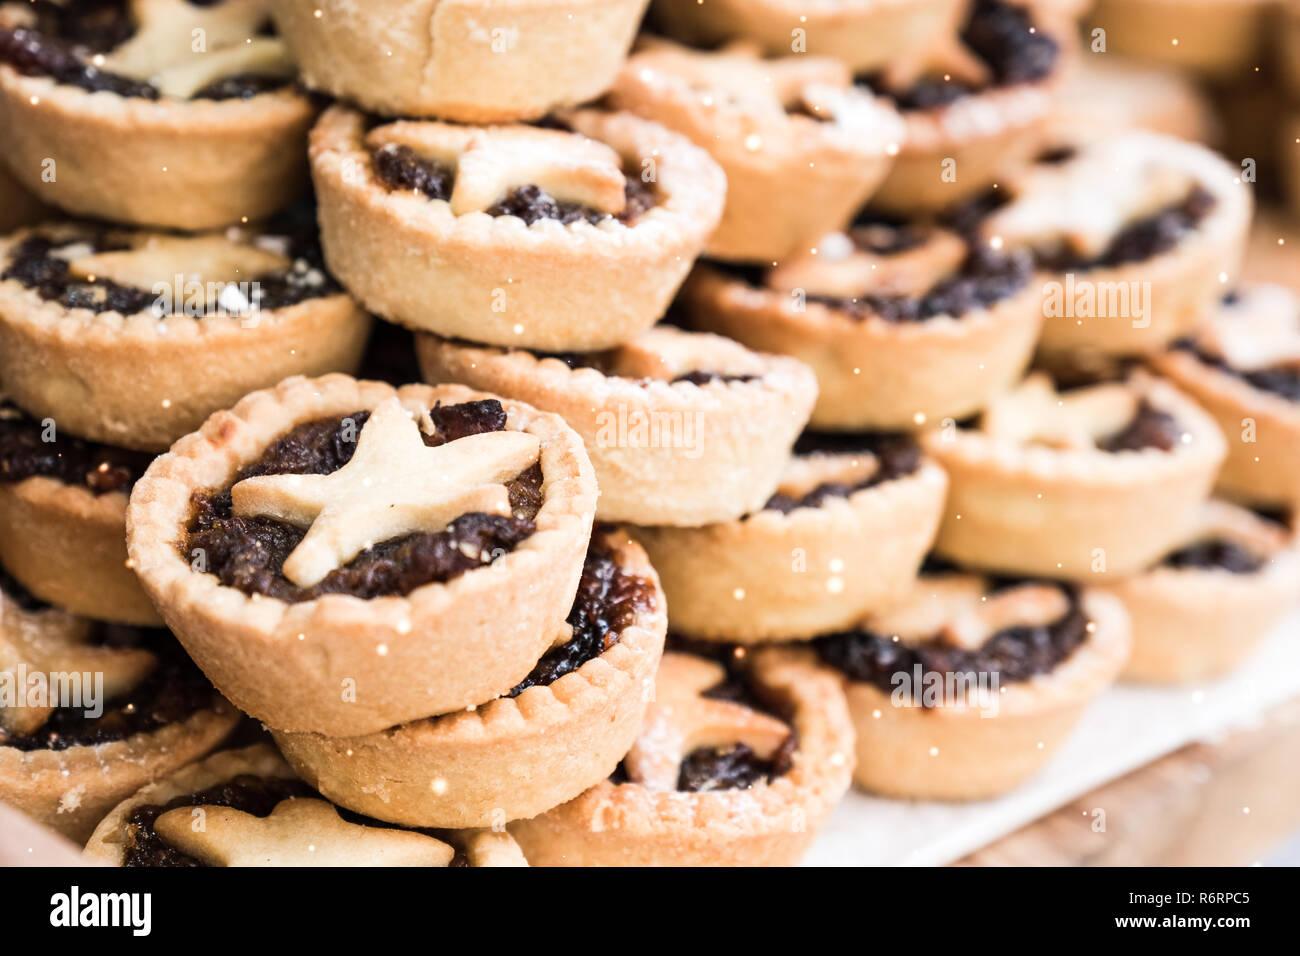 Stapel von lecker (persönlich in die Stichprobe einbezogenen) Weihnachten mince pies bei Bath Weihnachtsmarkt. Stockbild